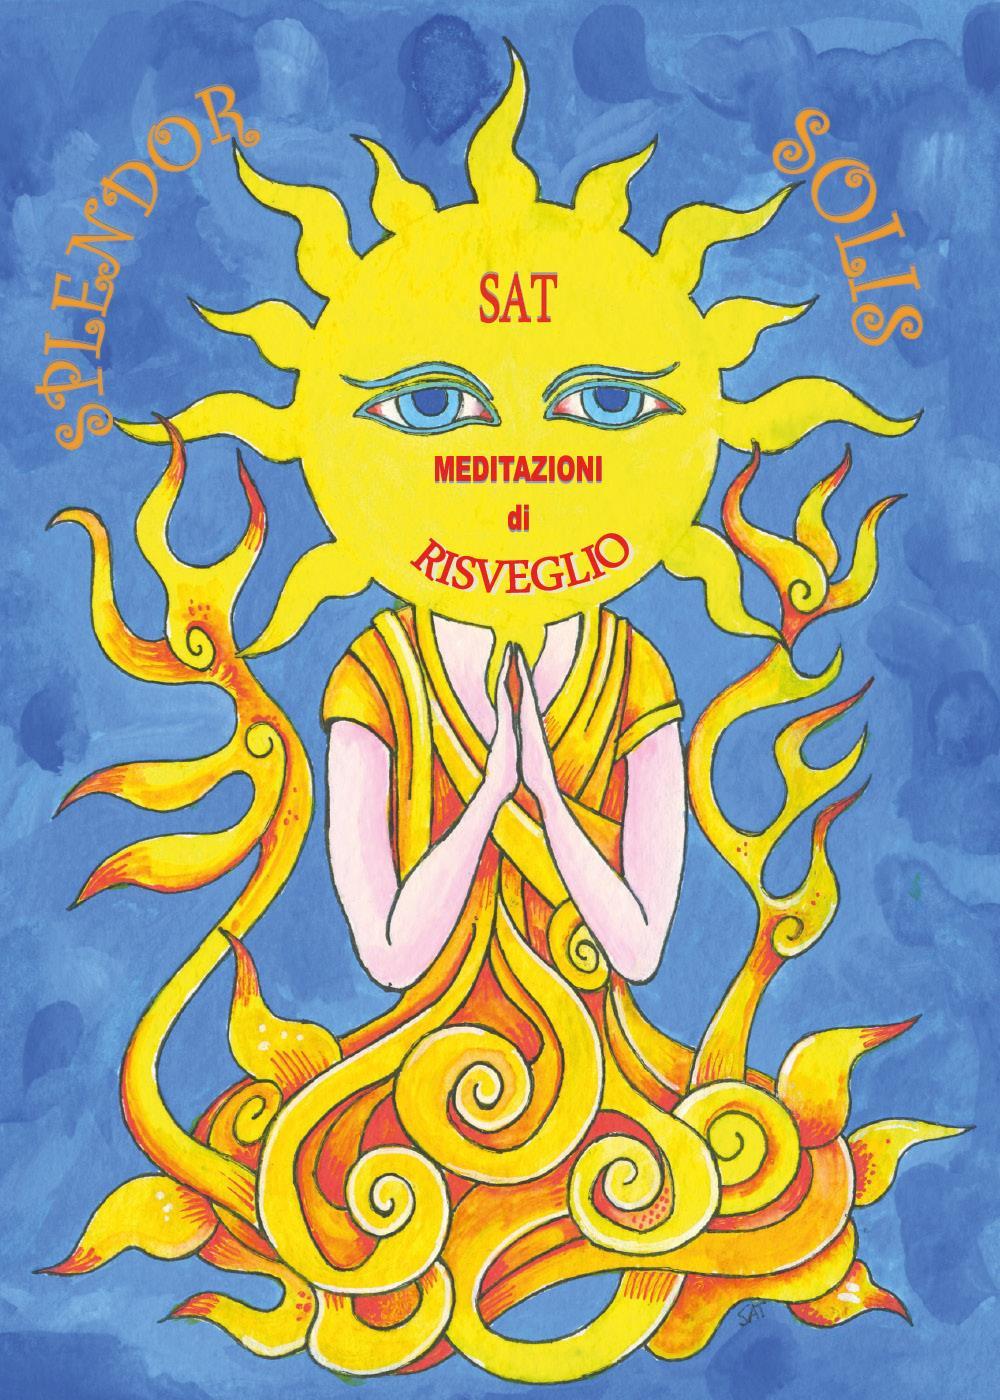 Splendor Solis - Meditazioni di risveglio